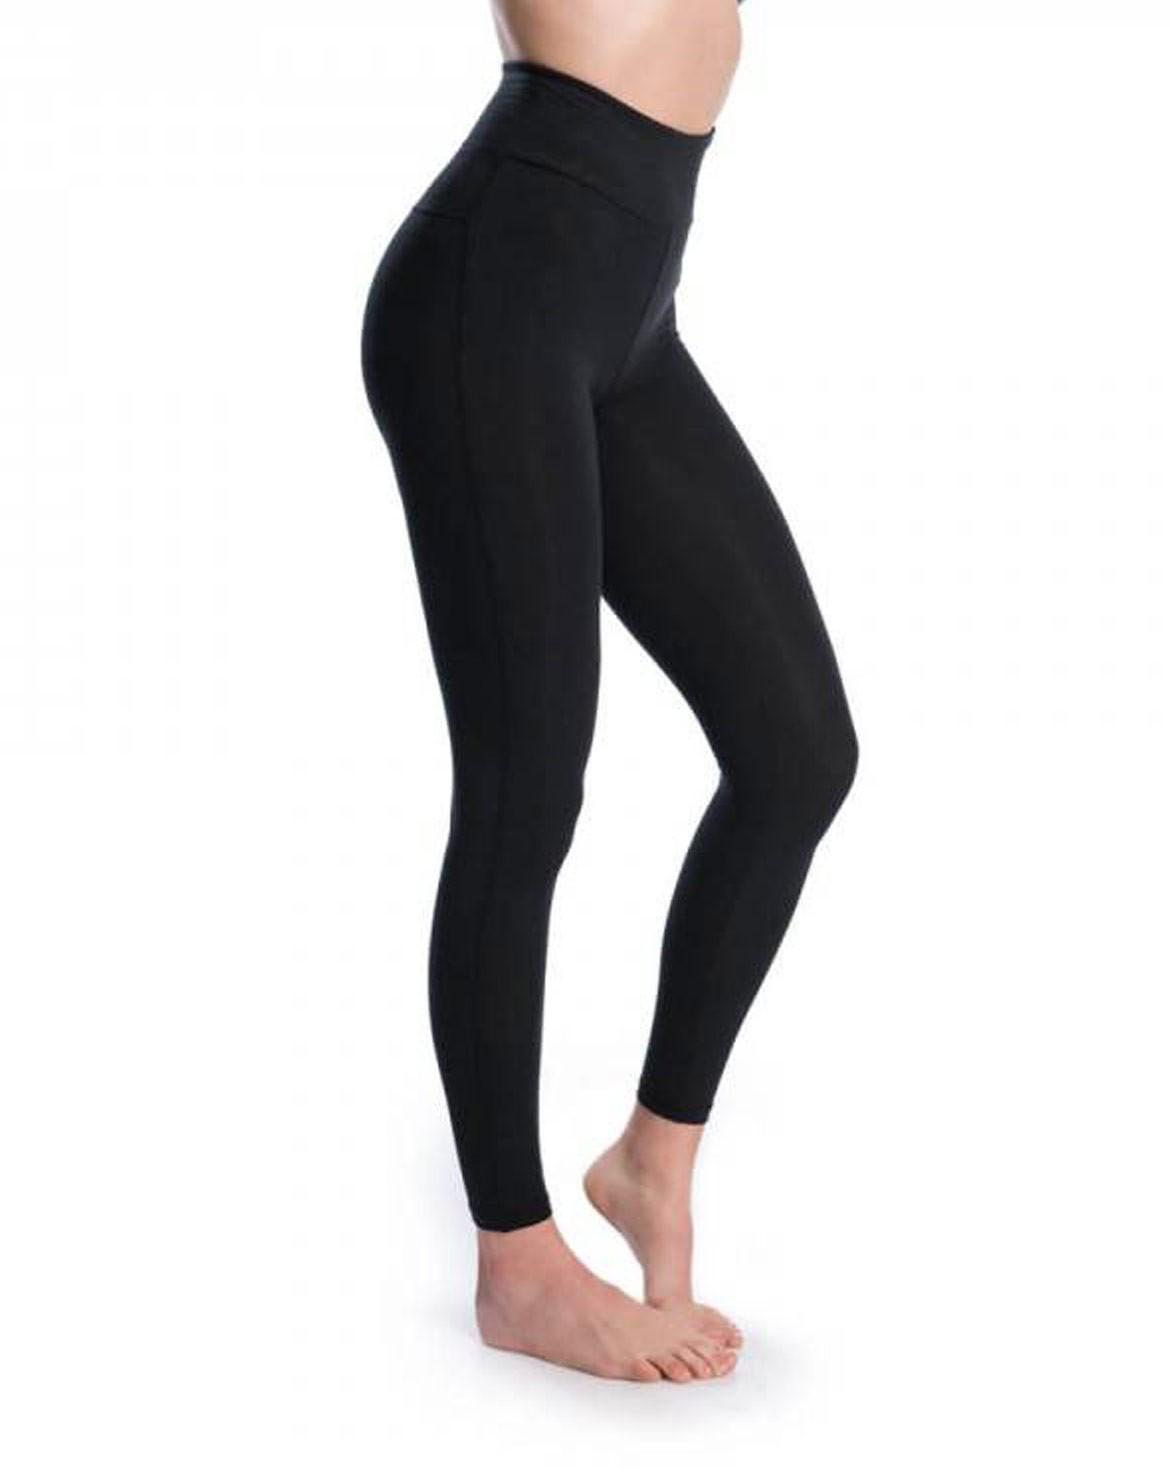 Functional Legging